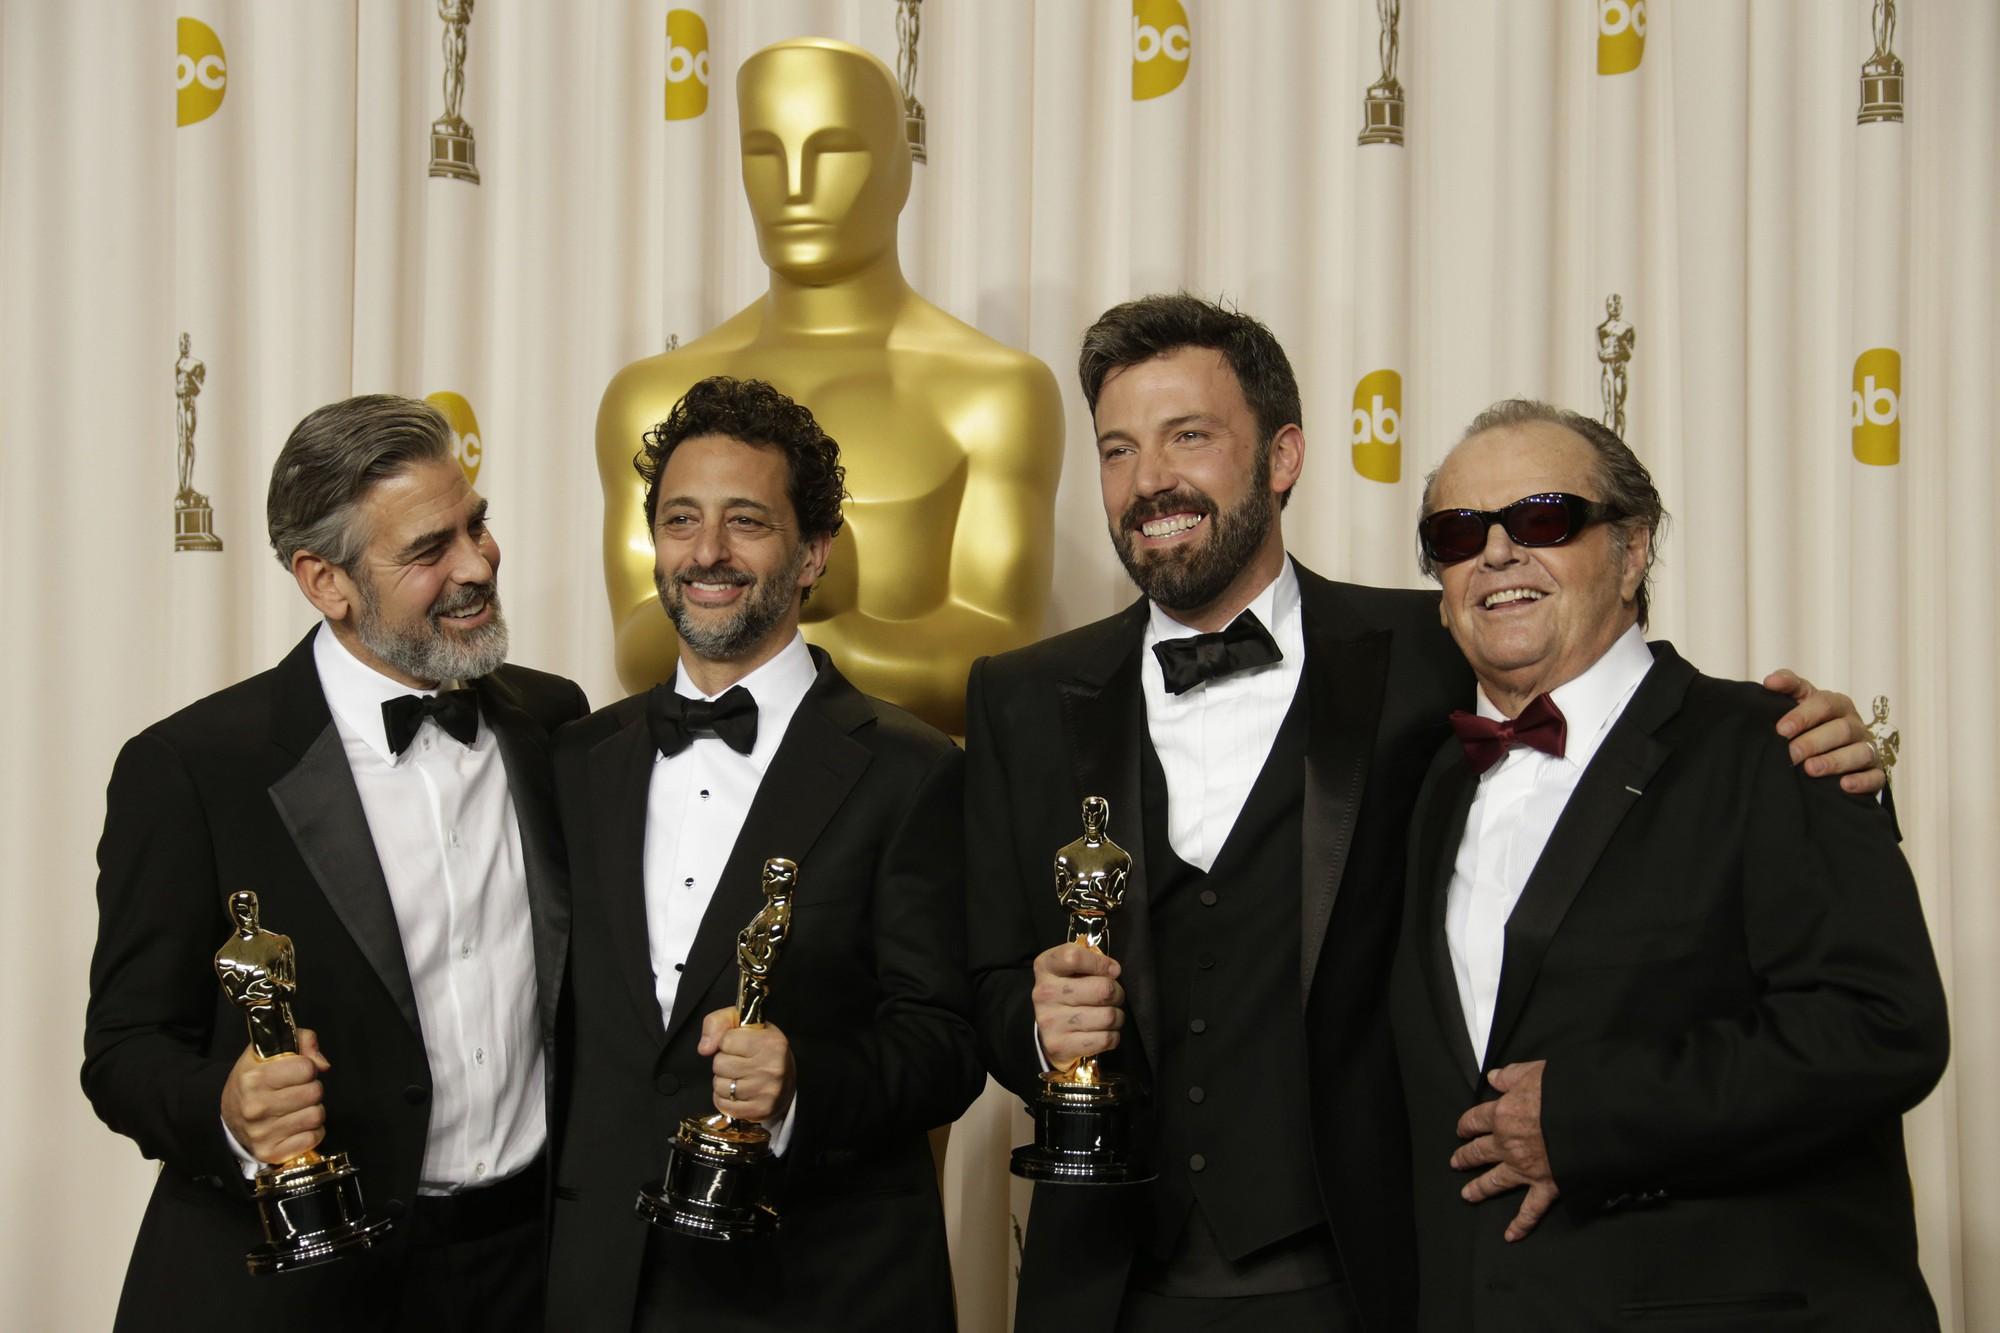 Từ Oscar 2018, nhìn lại 90 năm thăng trầm của giải thưởng điện ảnh danh giá bậc nhất thế giới - Ảnh 2.